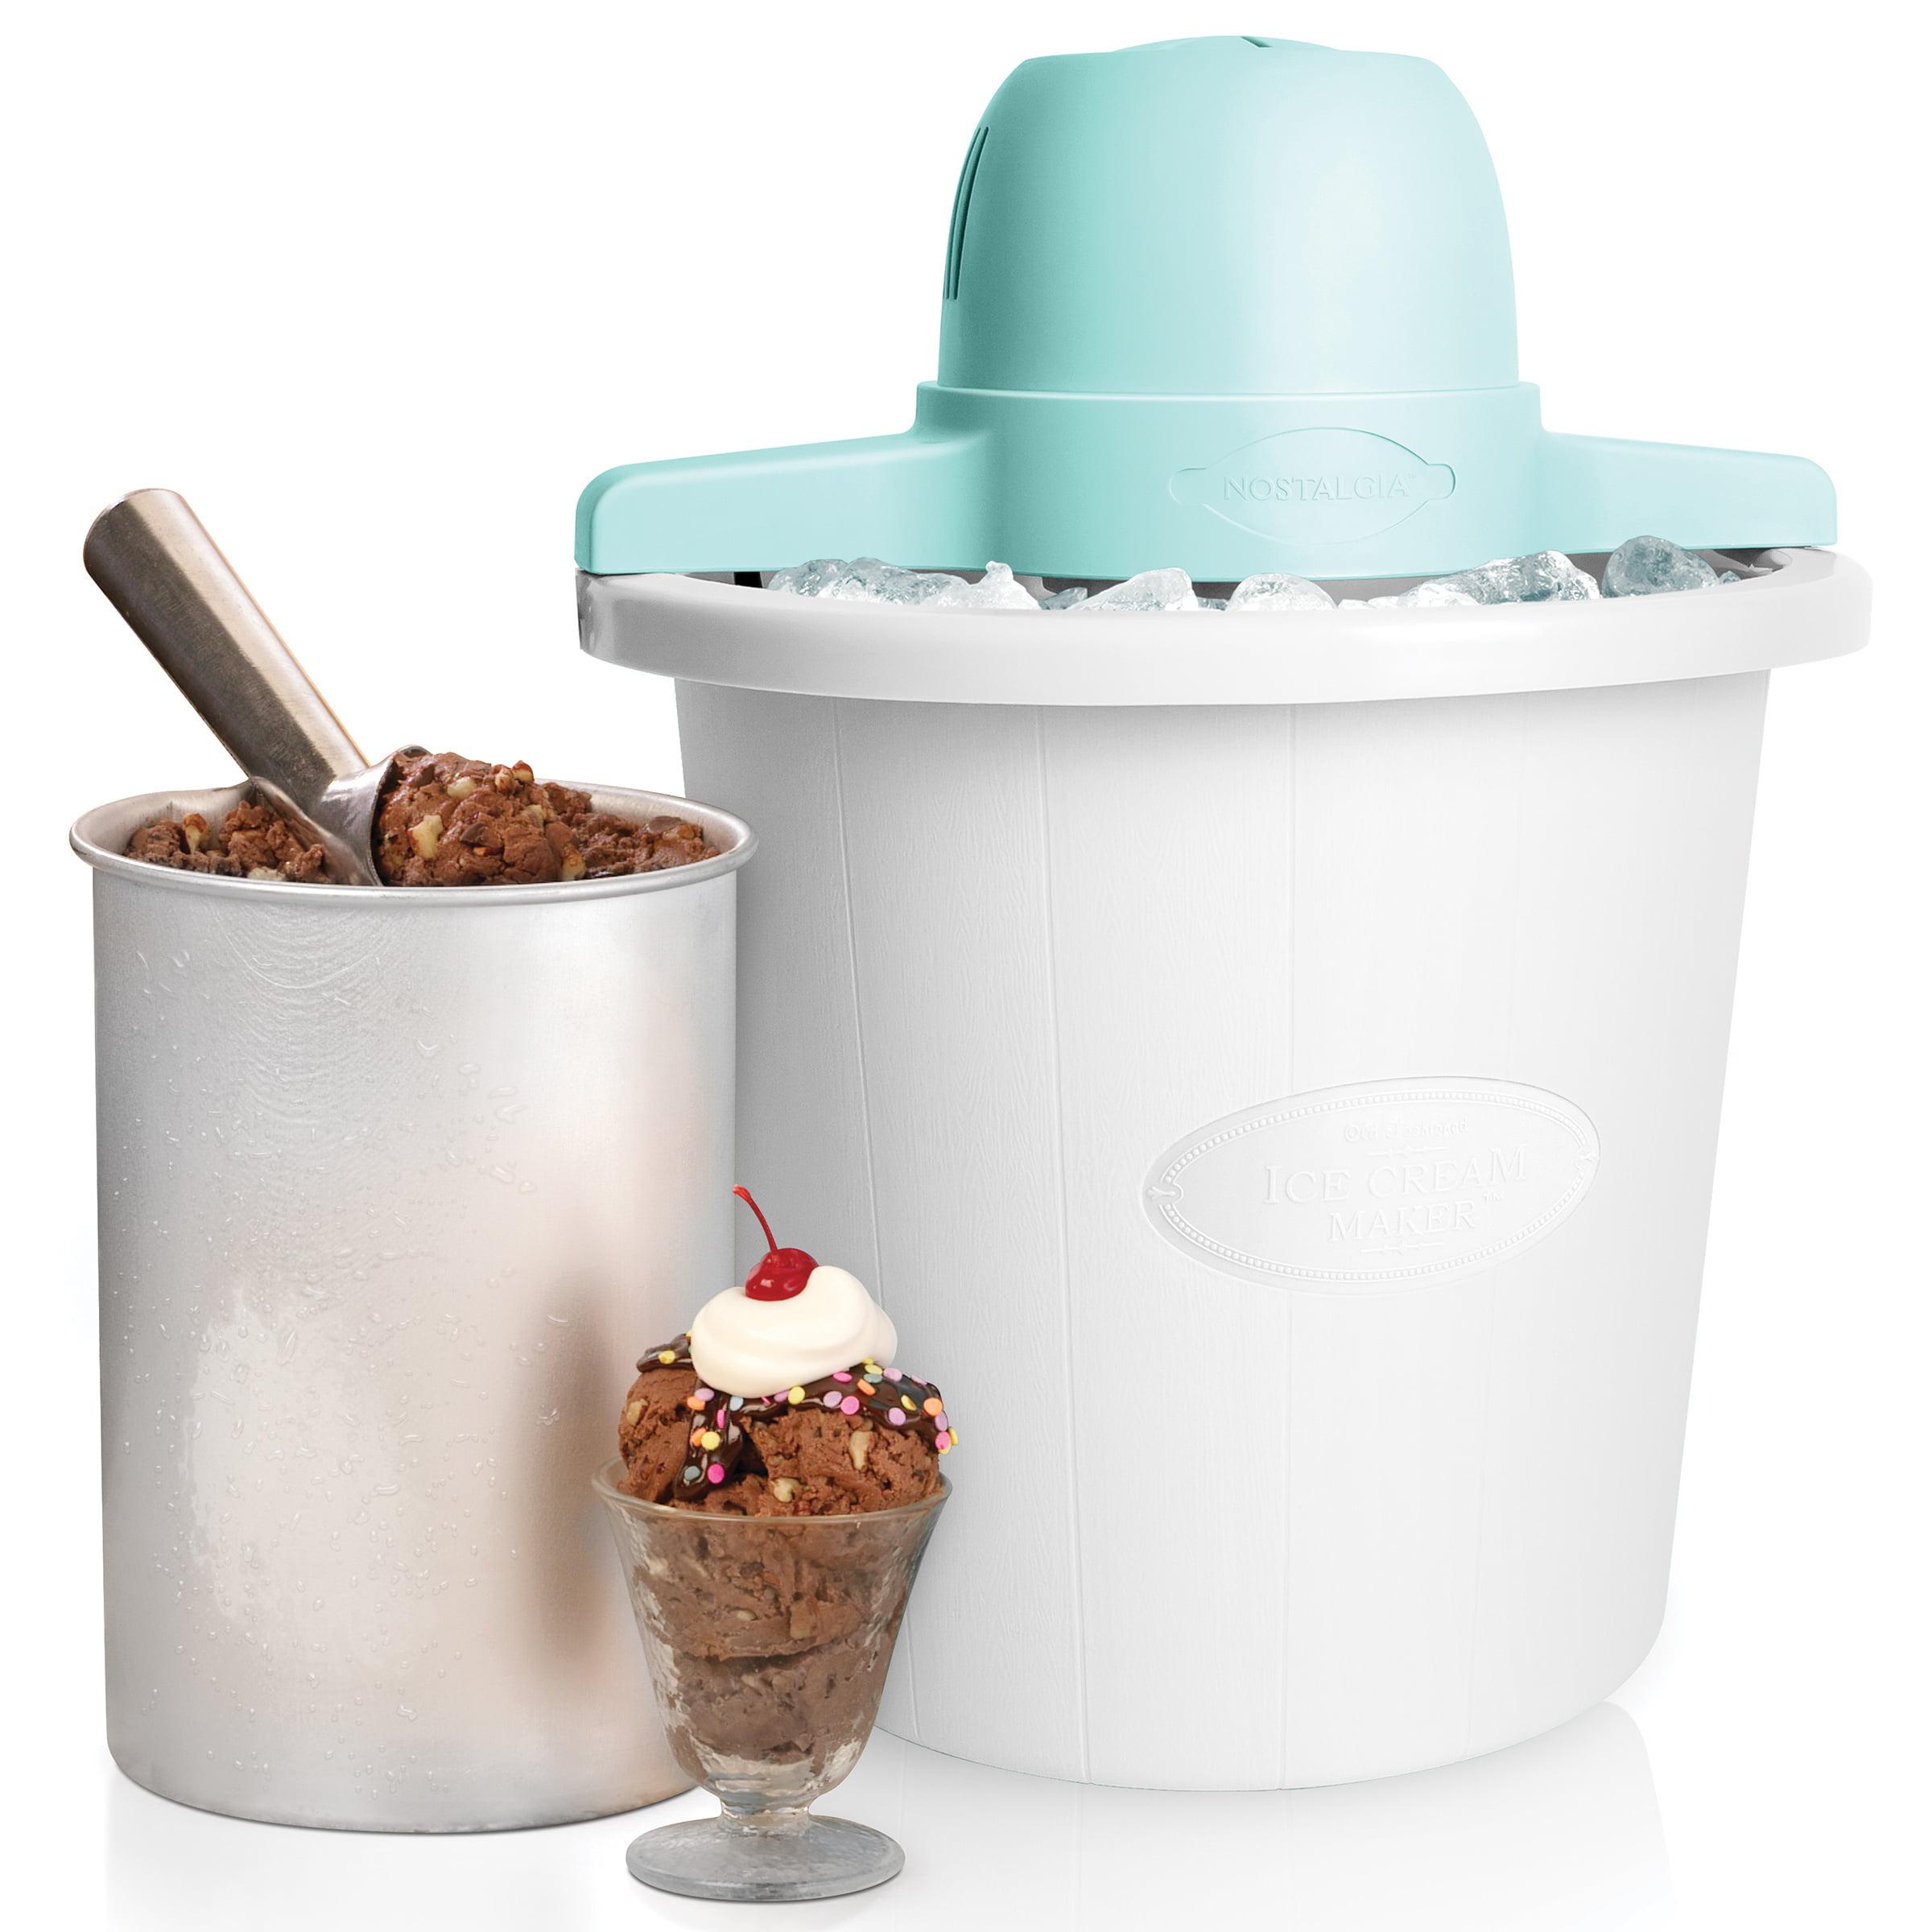 Nostalgia ICMP4WH 4-Qt. Electric Ice Cream Maker, White